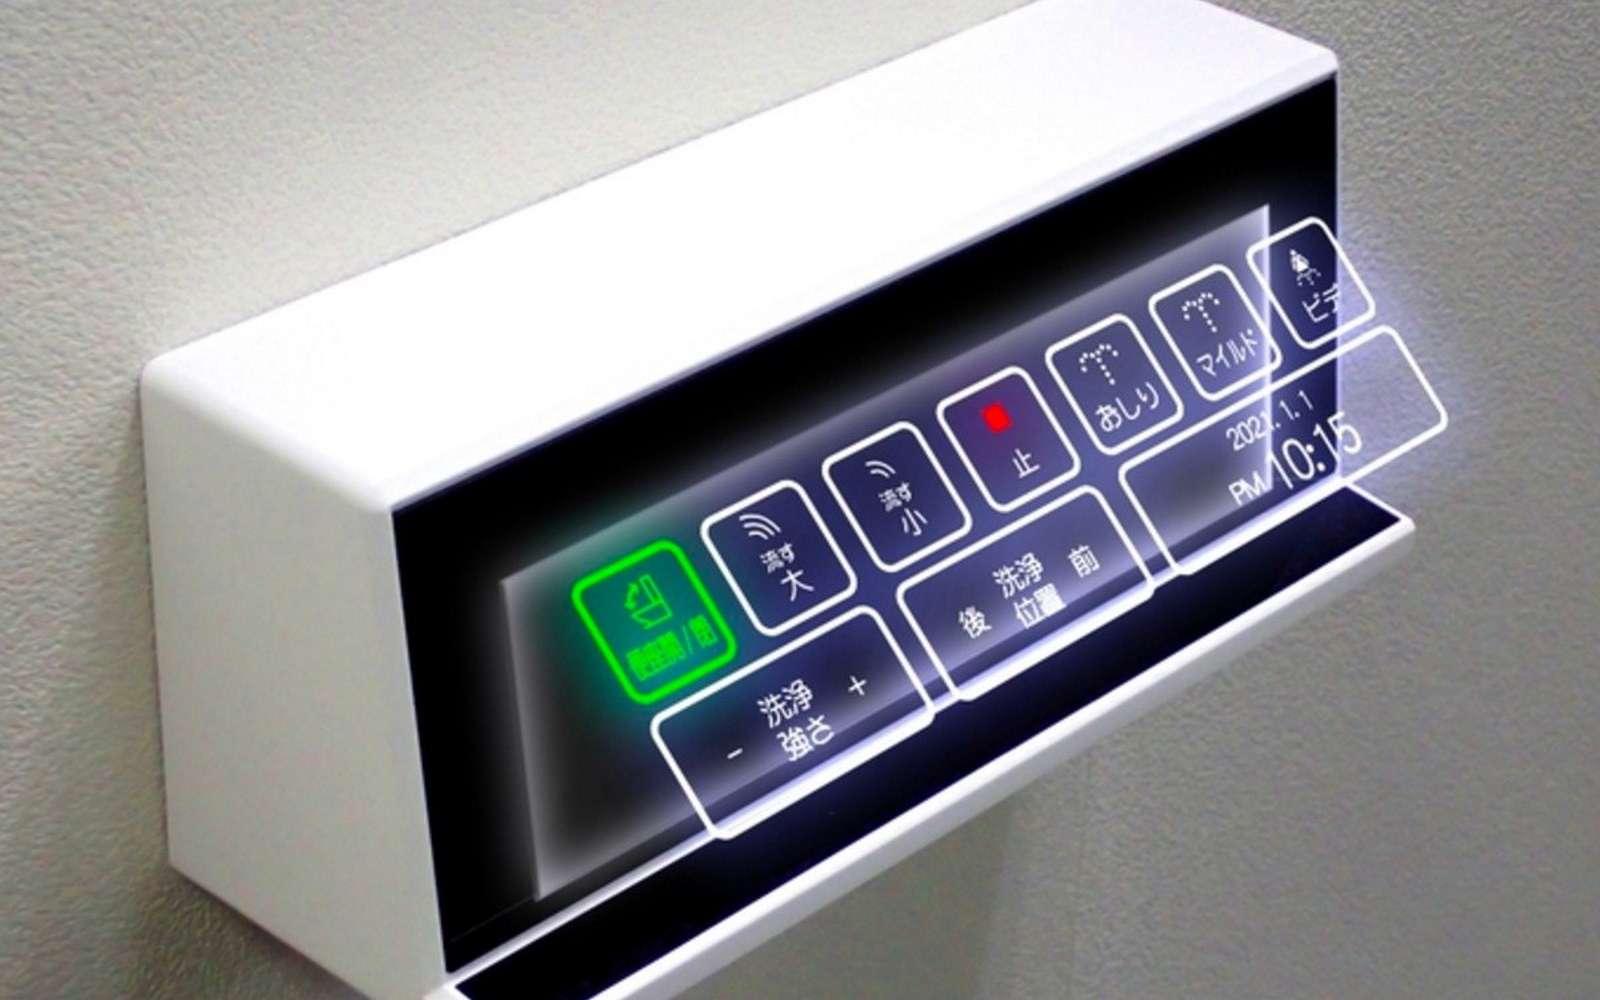 Au Japon, les boutons des toilettes deviennent holographiques - Futura